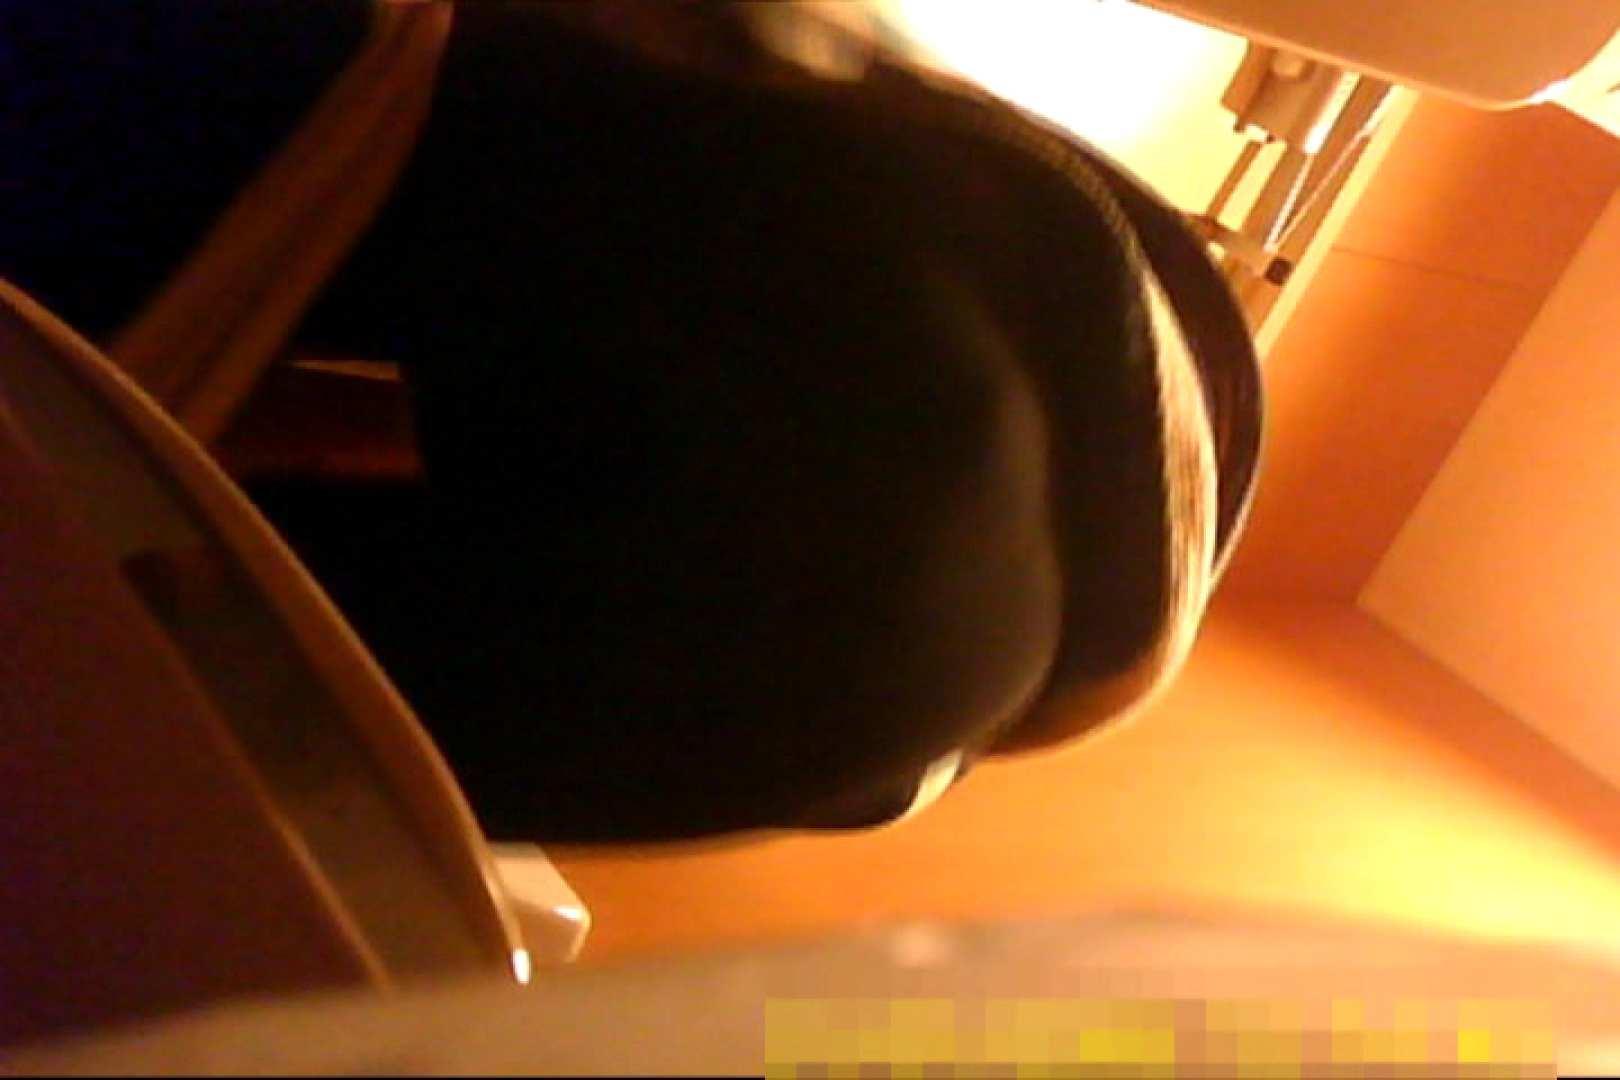 魅惑の化粧室~禁断のプライベート空間~vol.6 お姉さん丸裸 オメコ無修正動画無料 75pic 44